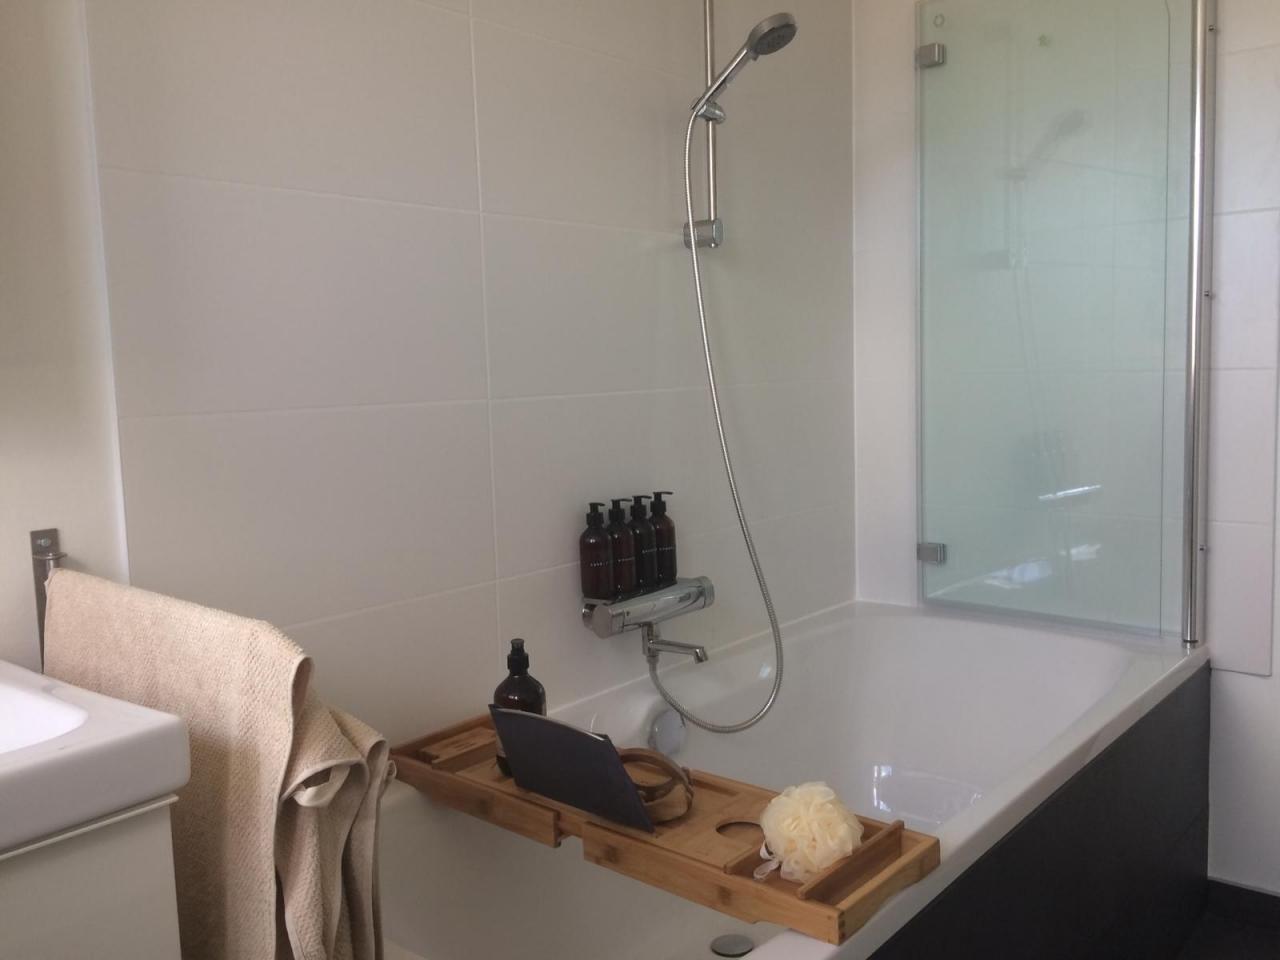 Badezimmersanierung - Aus Uralt mach modern - Bauanleitung zum Klein